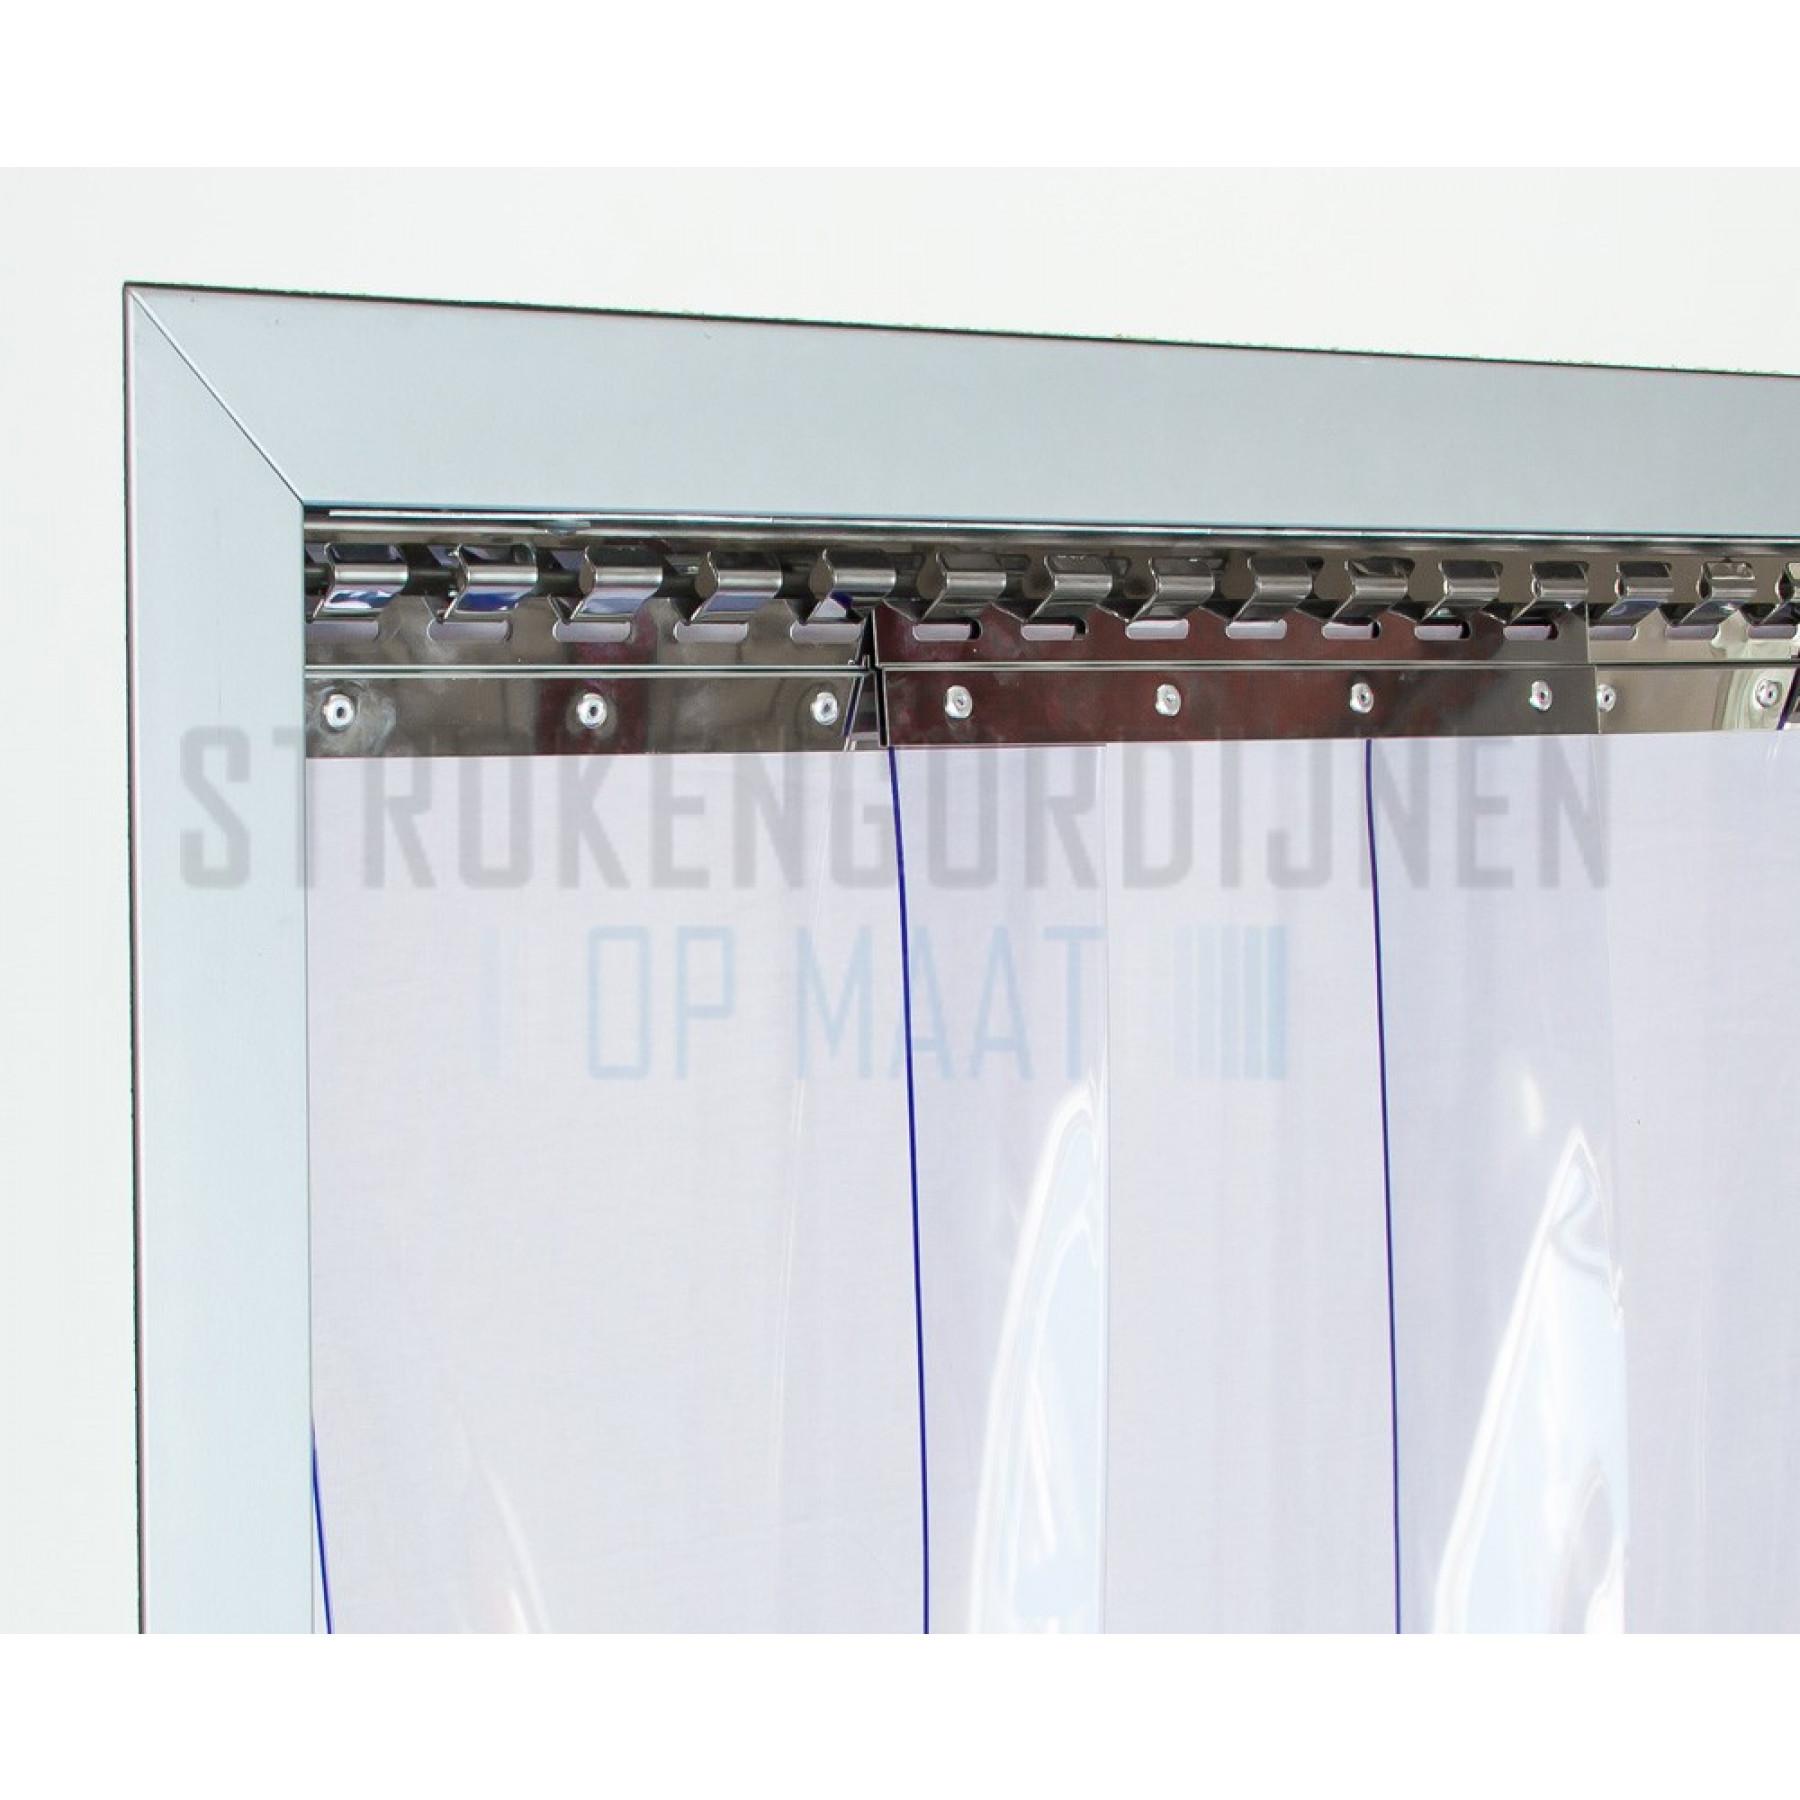 Ophangsysteem, RVS, 1230 mm lengte